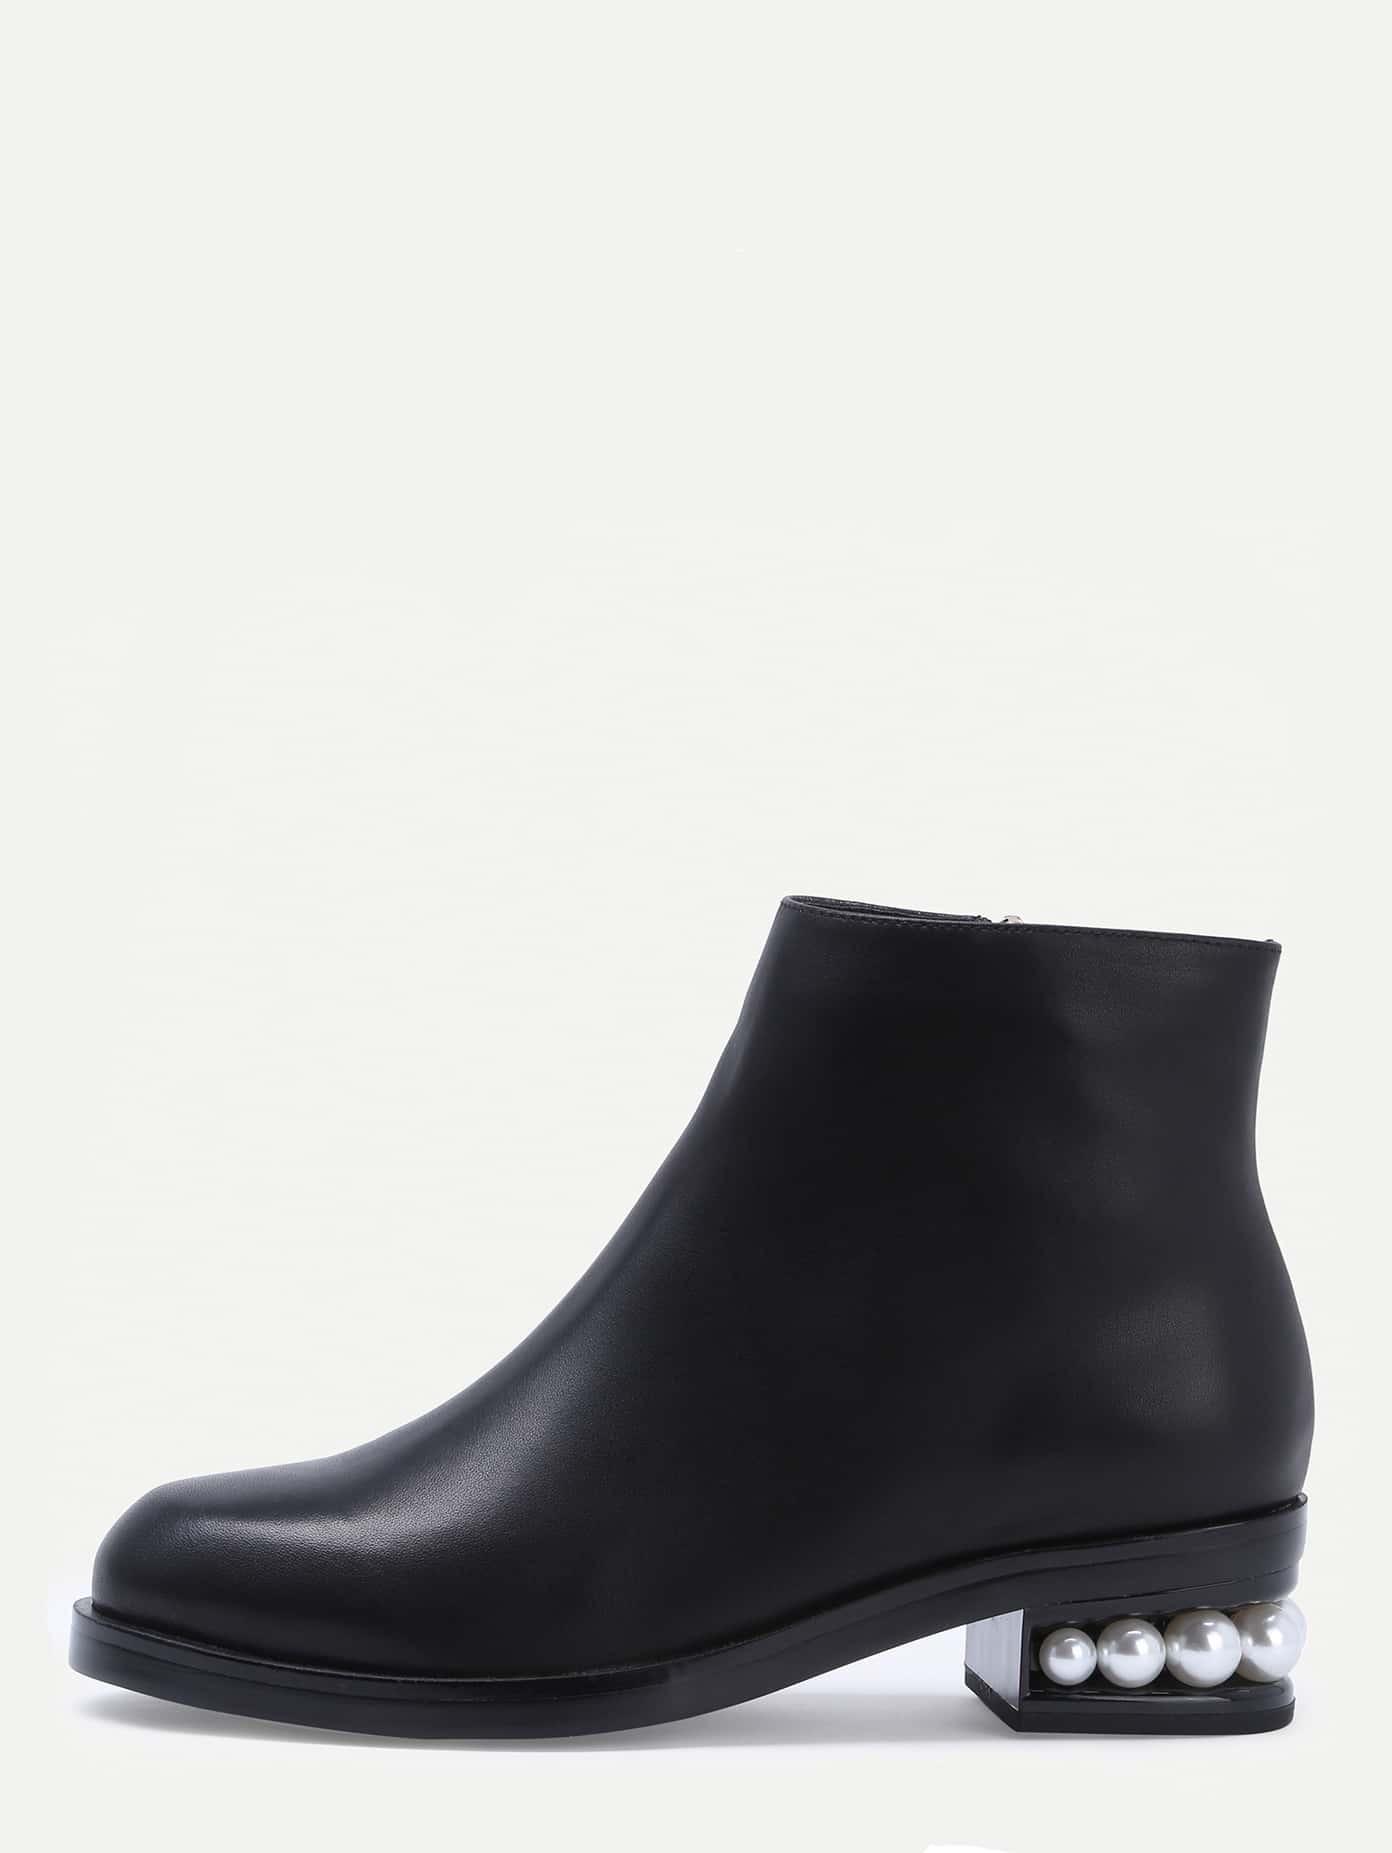 shoes160809804_2